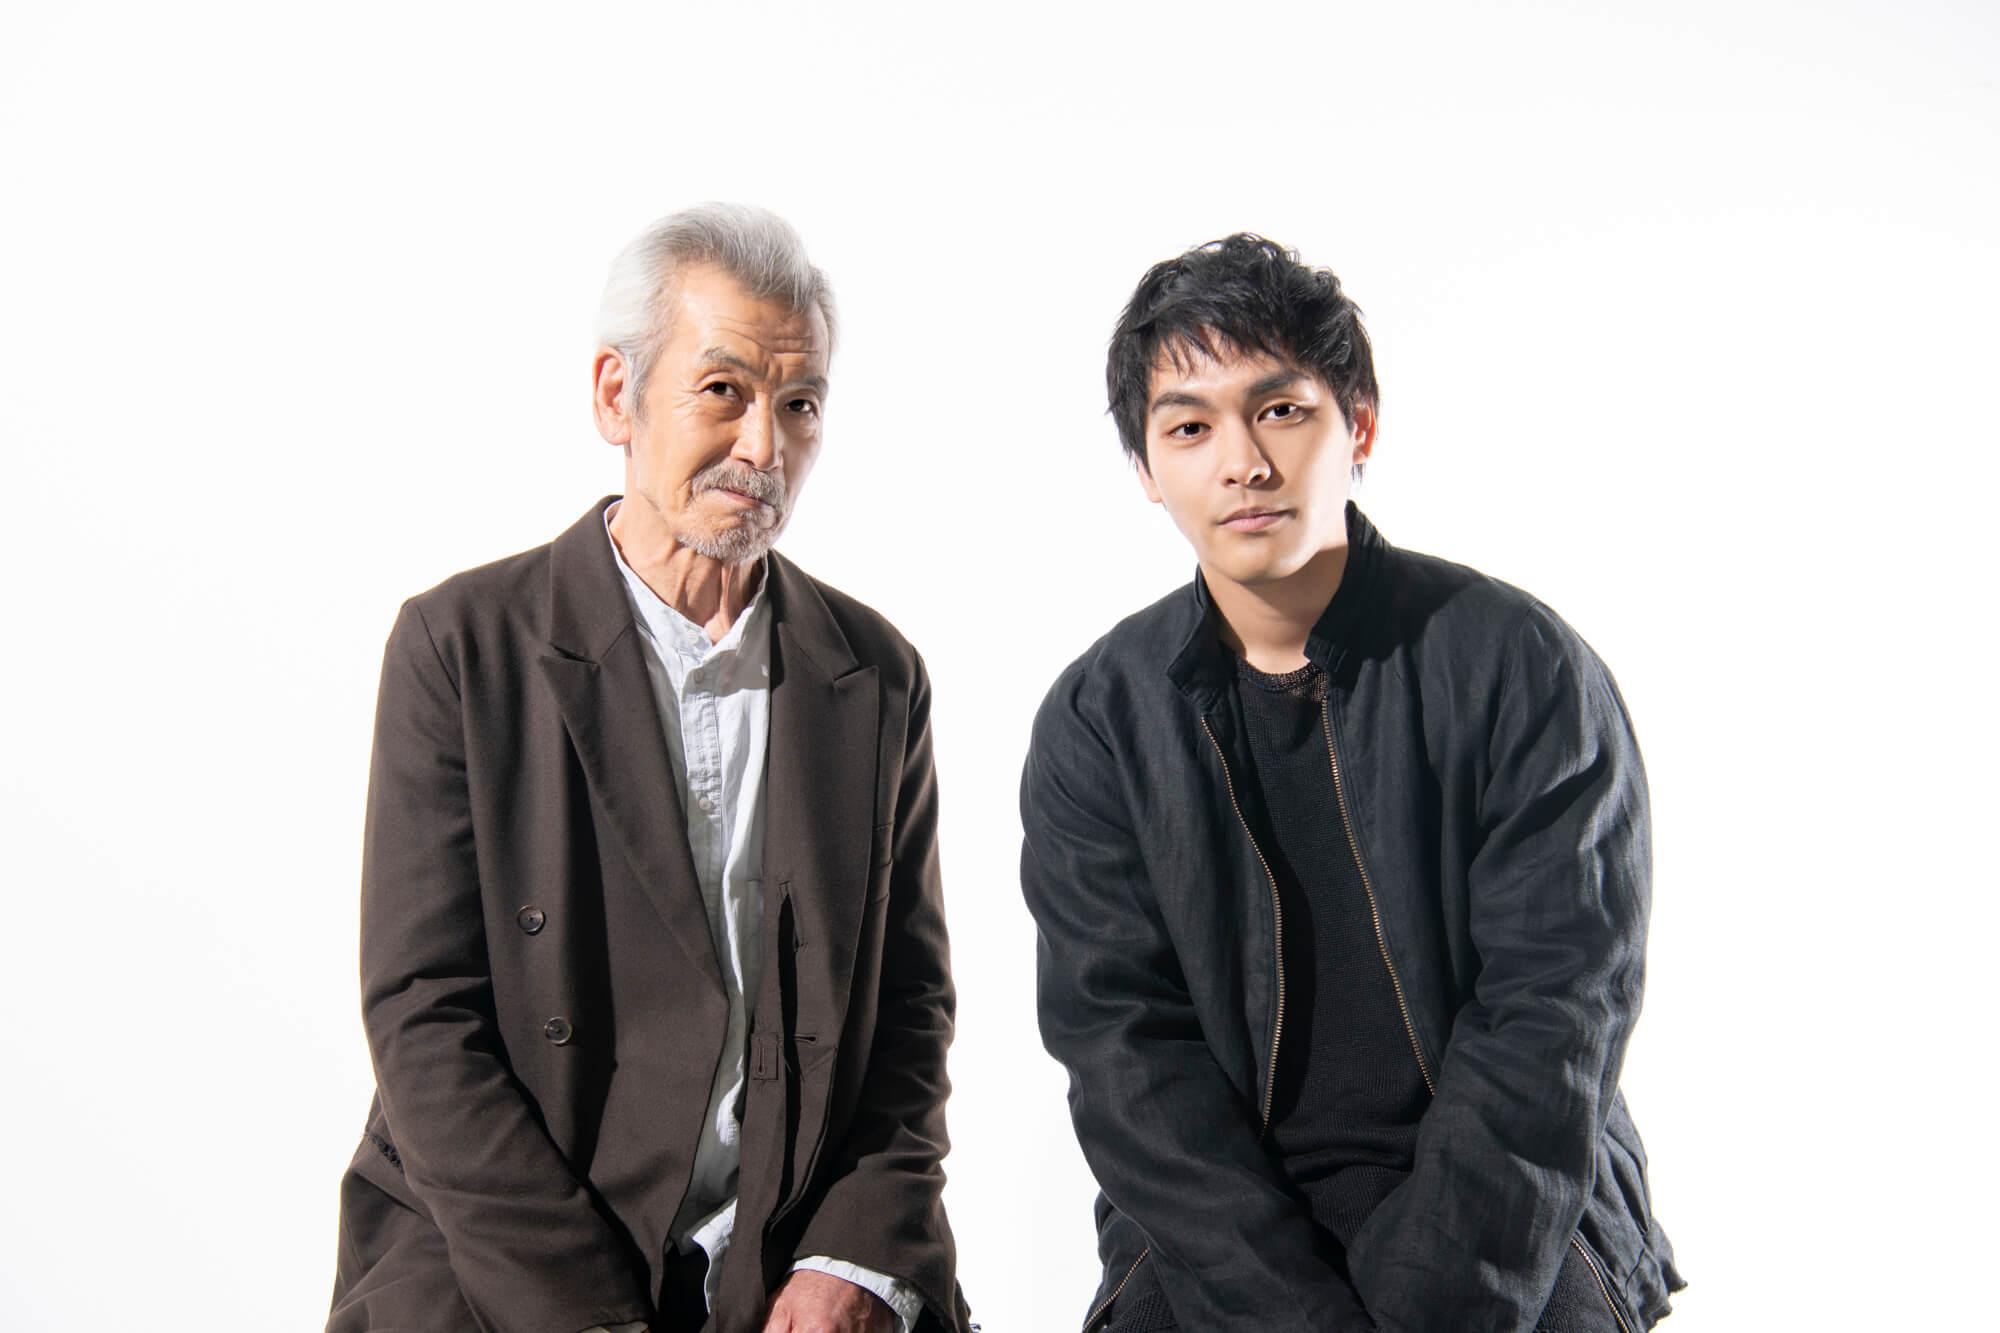 (右)柳楽優弥 (左)田中泯